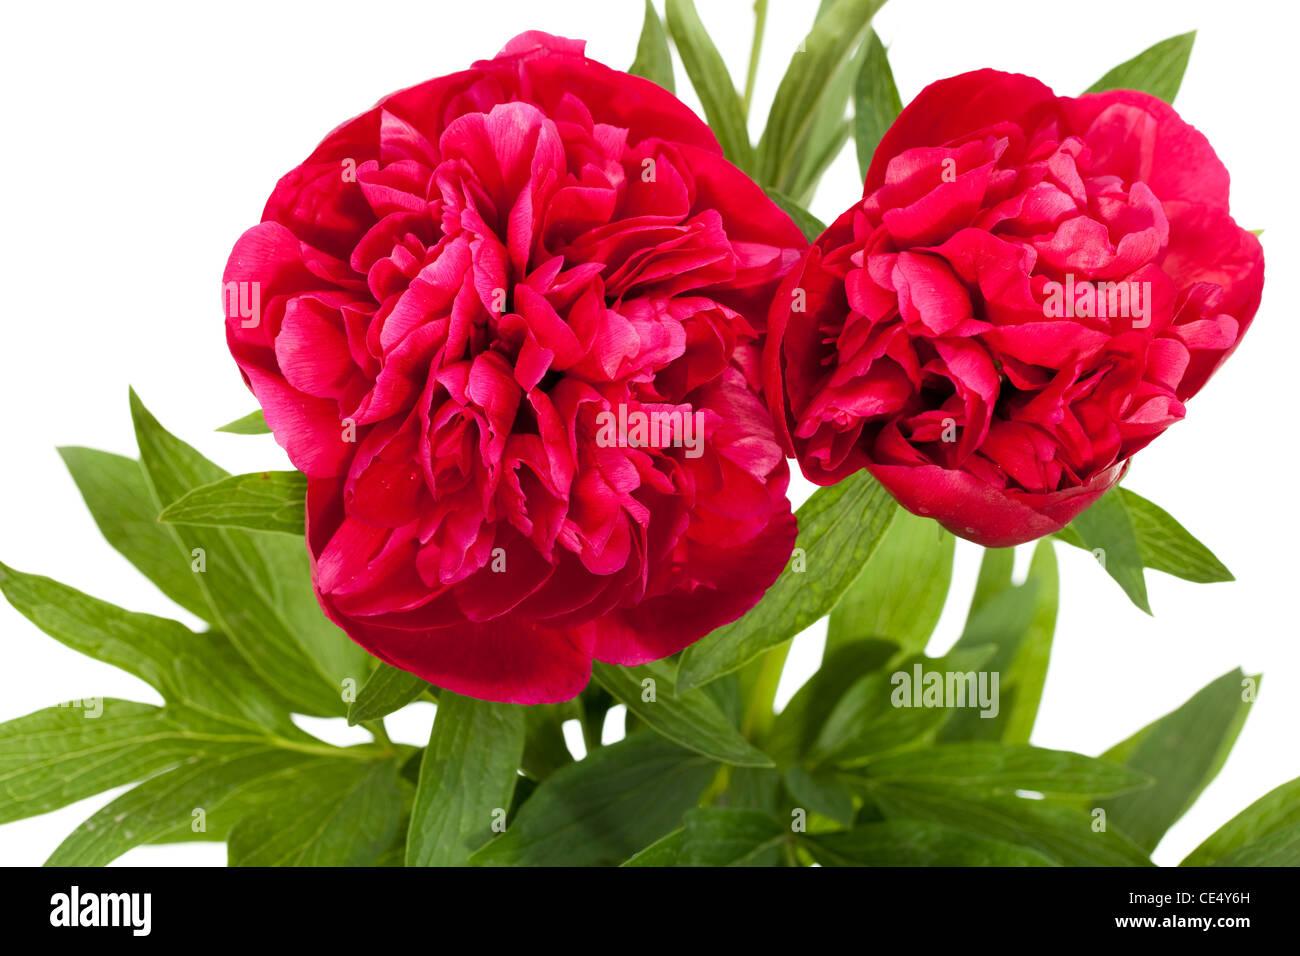 zwei rote Pfingstrose mit Blatt auf weißem Hintergrund Stockbild